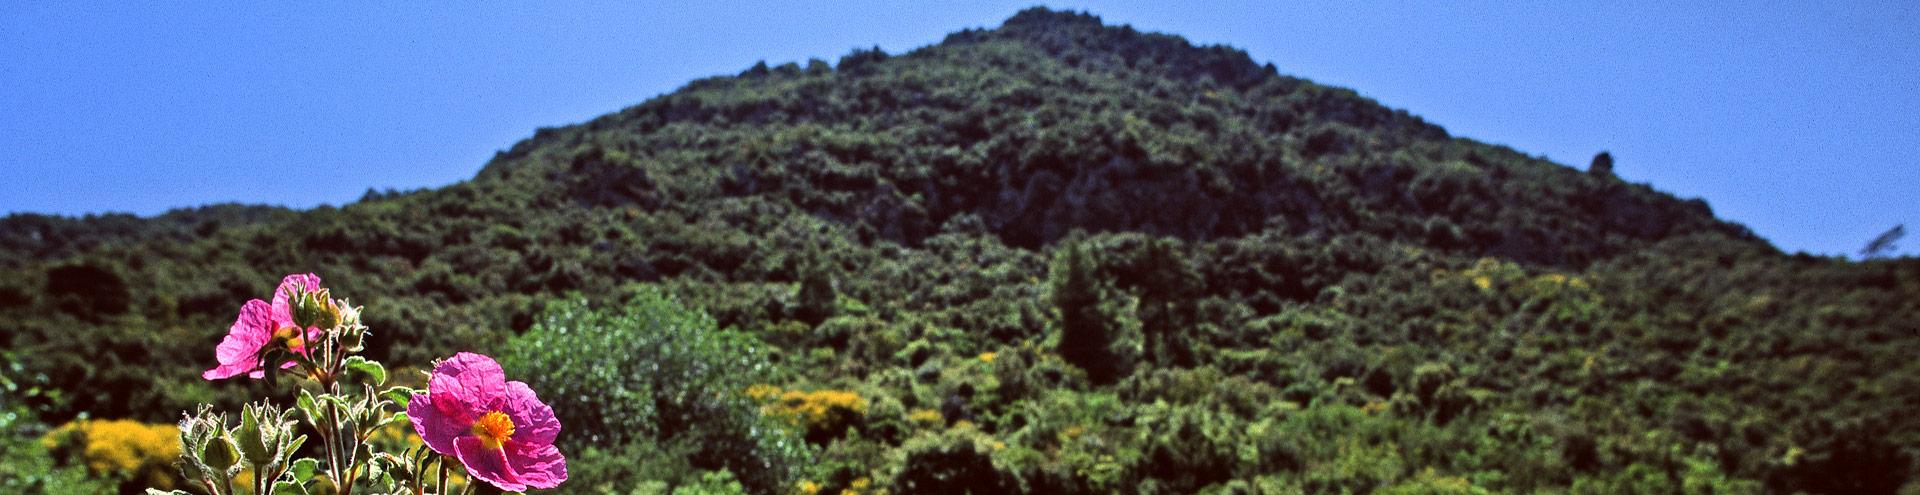 Malisa volcanic massif at Kounoupitsa